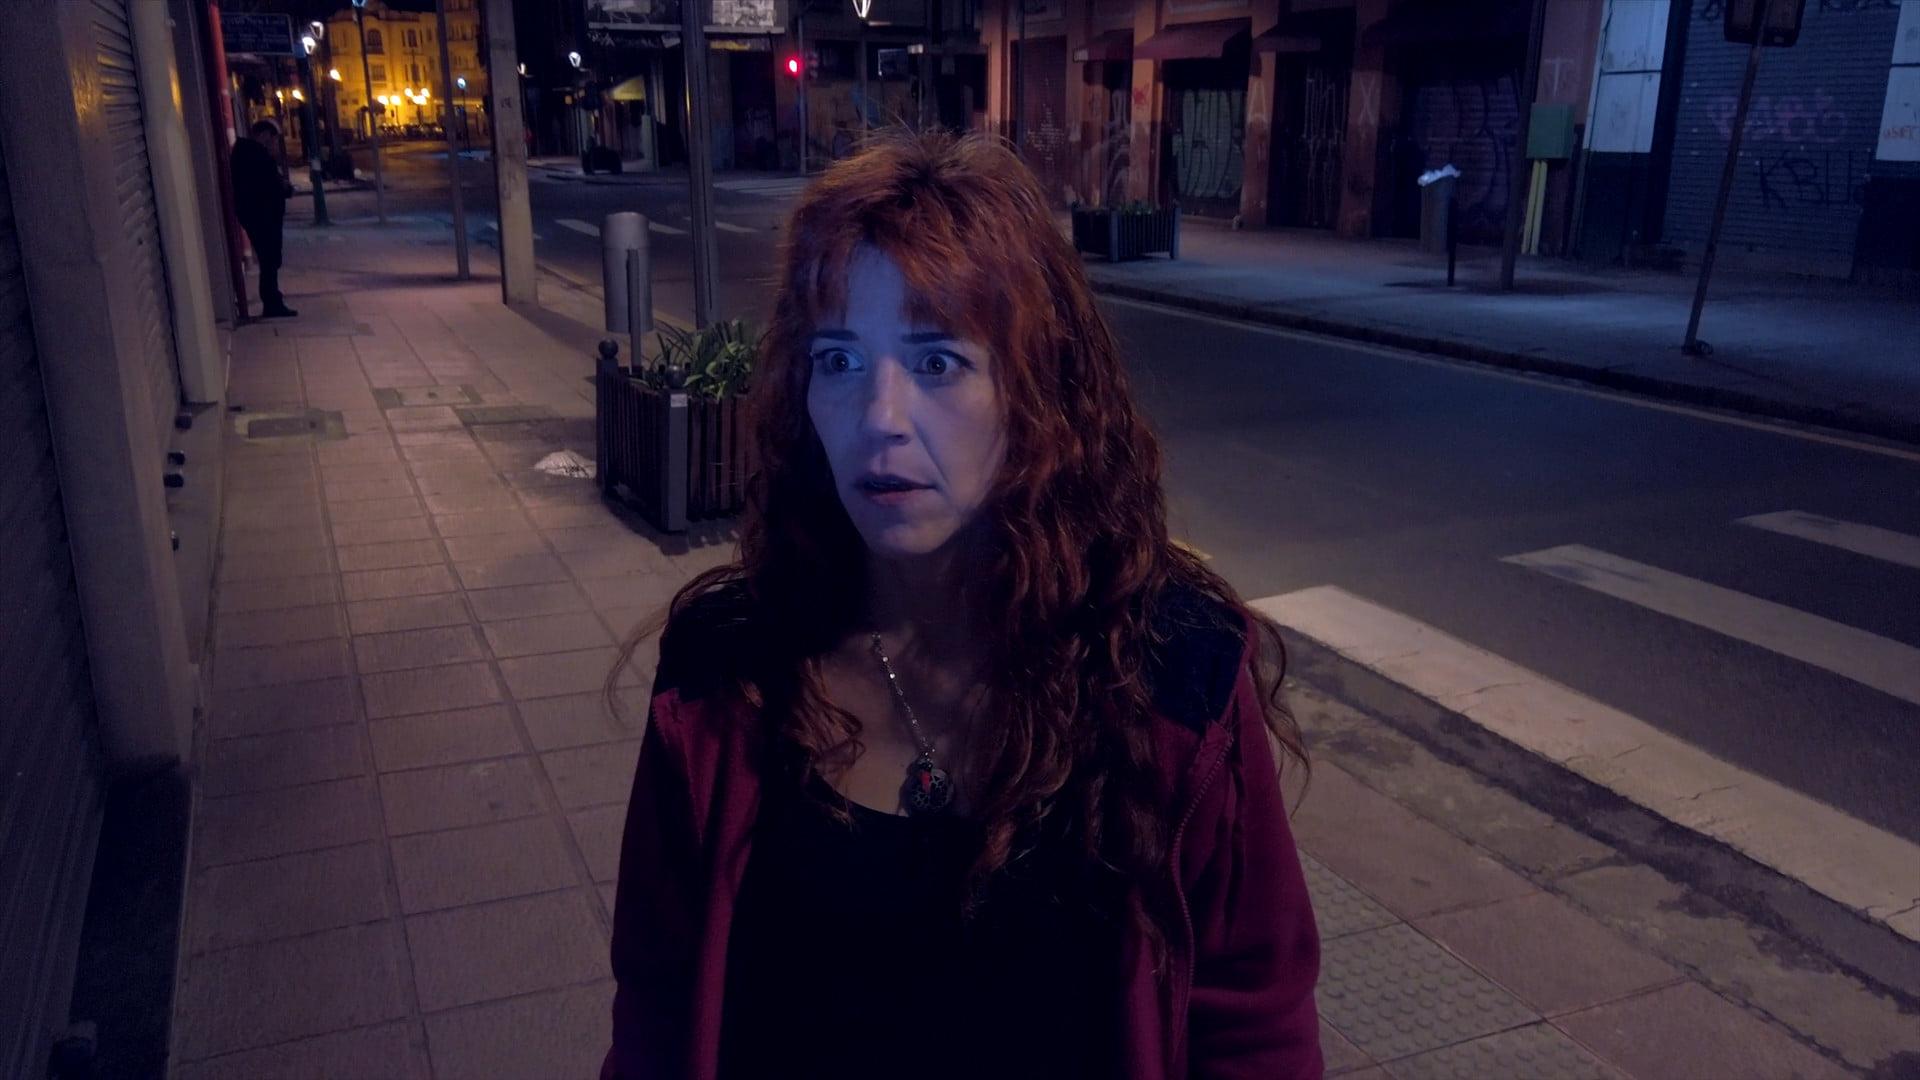 Cena do curta It's a Match. Nela, vemos uma mulher ruiva na rua e, ao fundo, seu perseguidor, todo de preto. Está de noite.